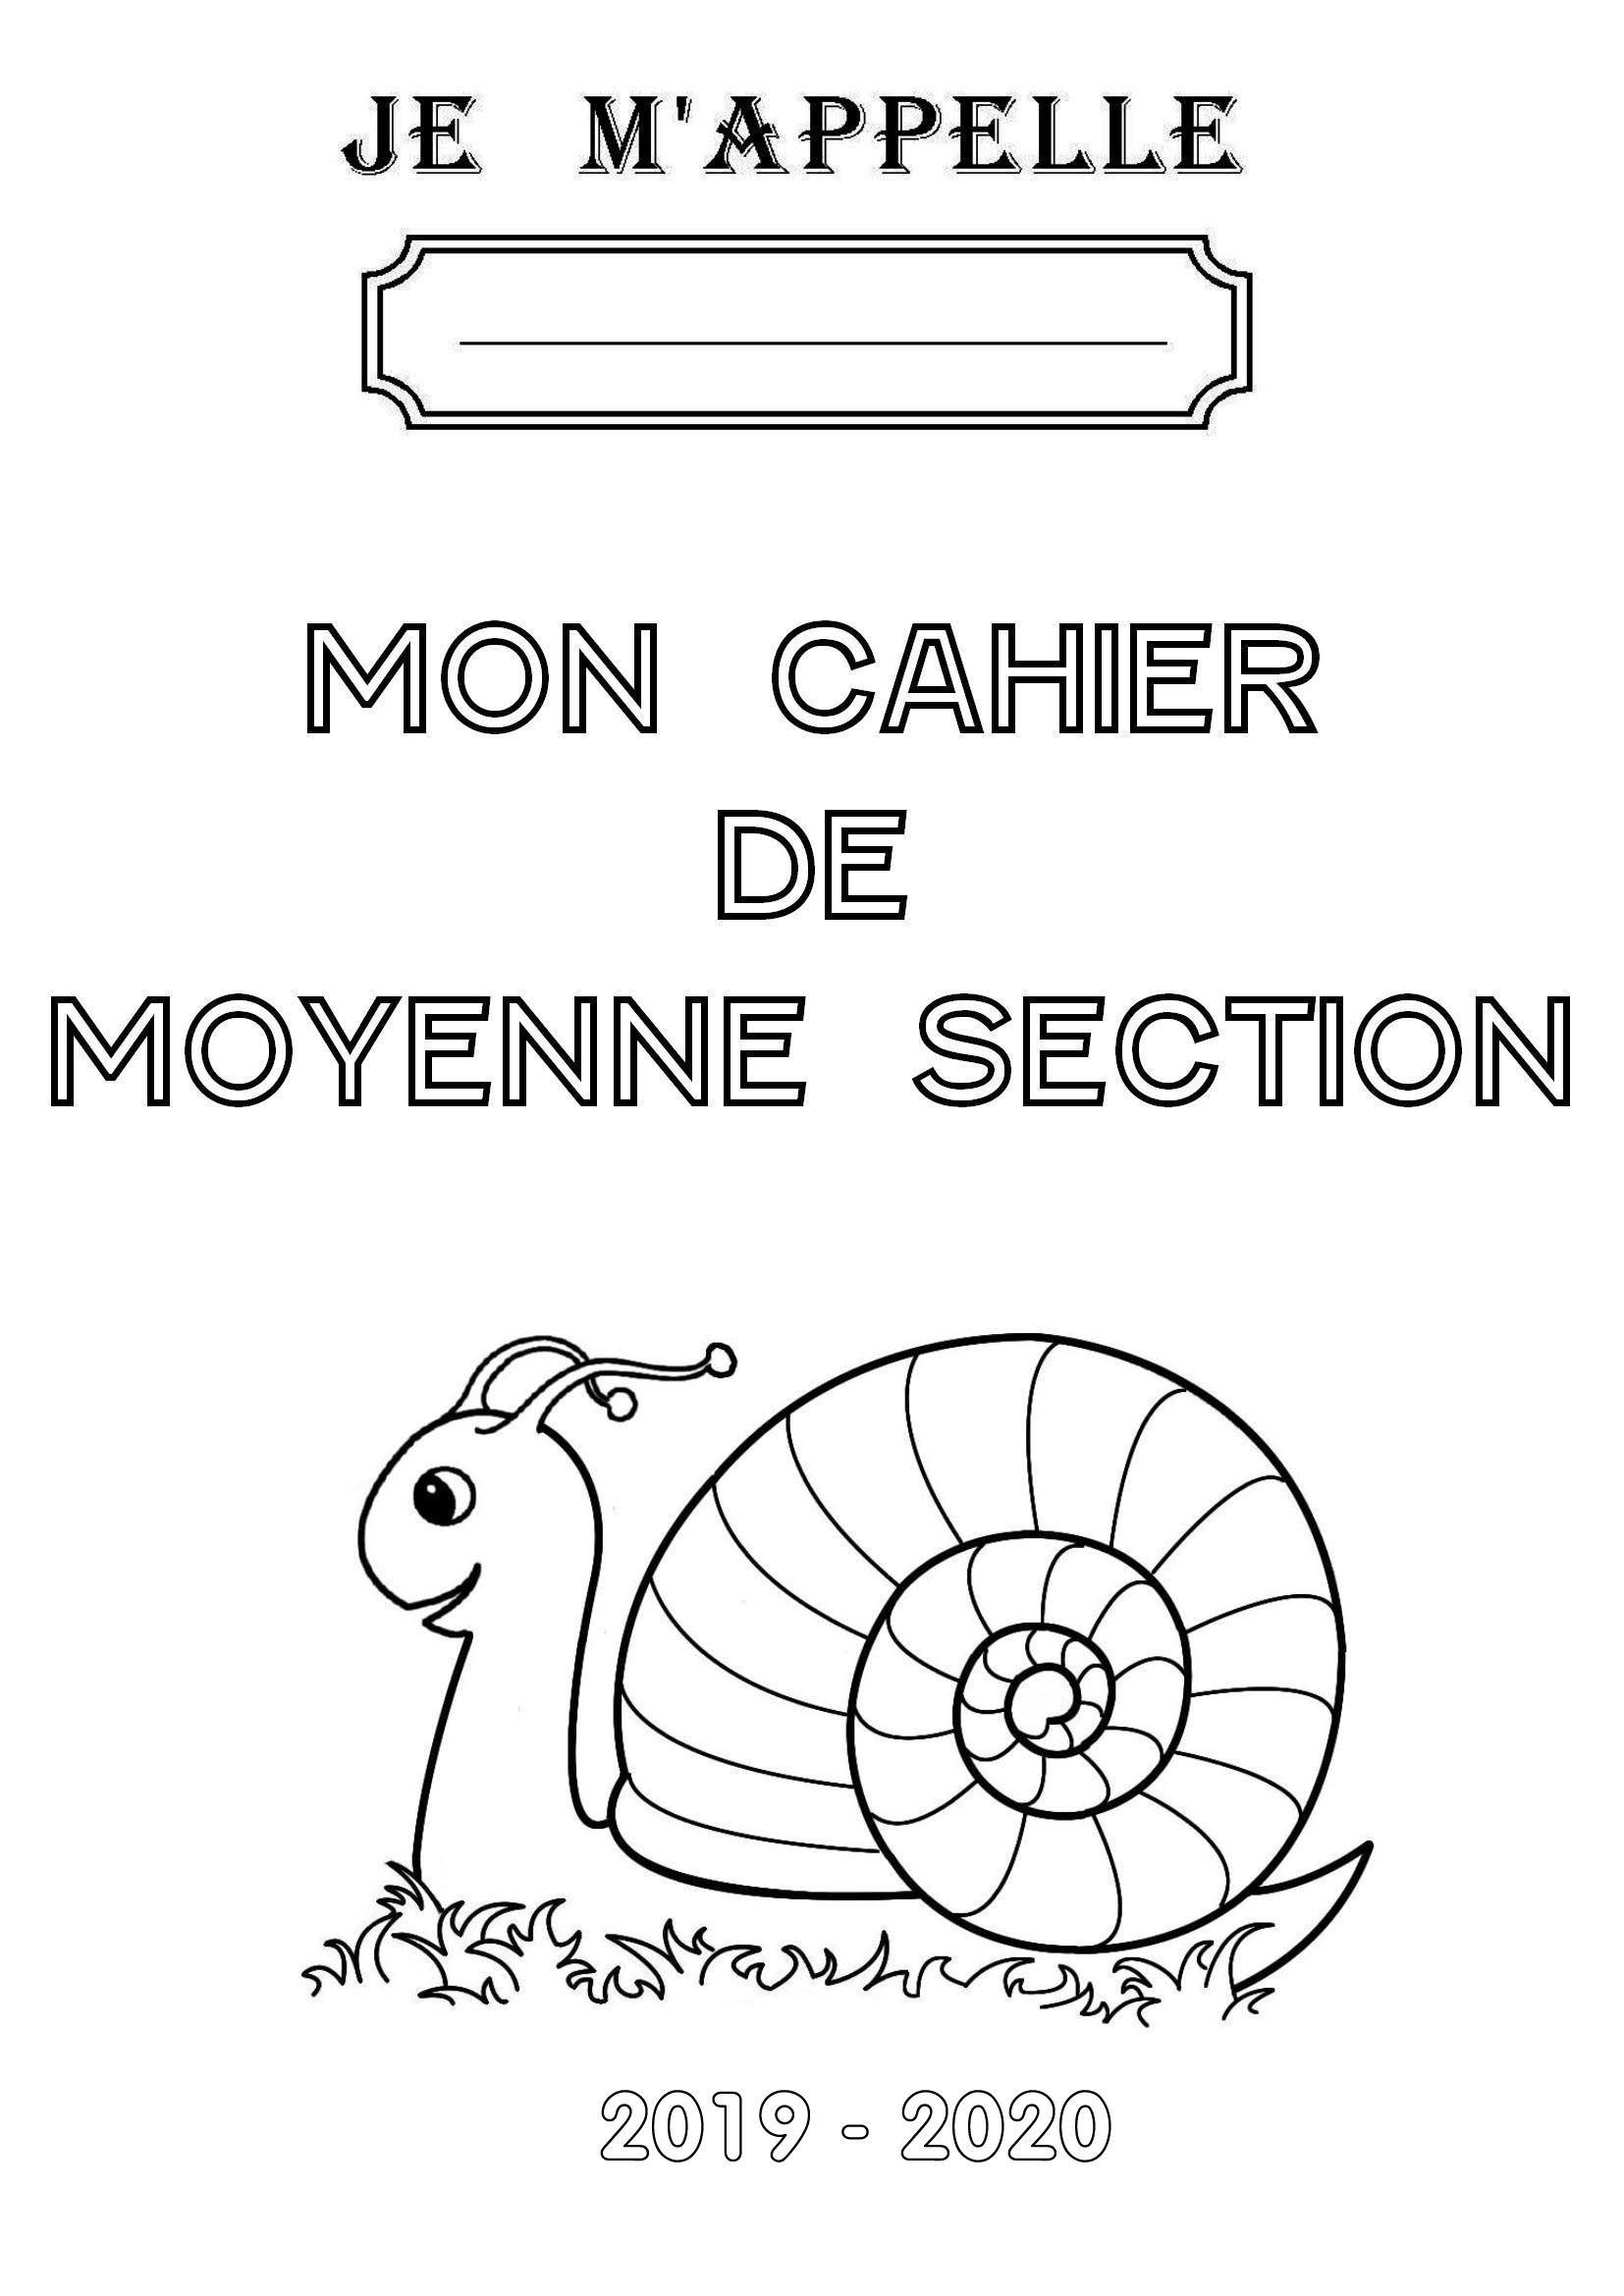 Épinglé Par Nambolt Louembet Sur École Maternelle | Moyenne dedans Exercice Maternelle Moyenne Section À Imprimer